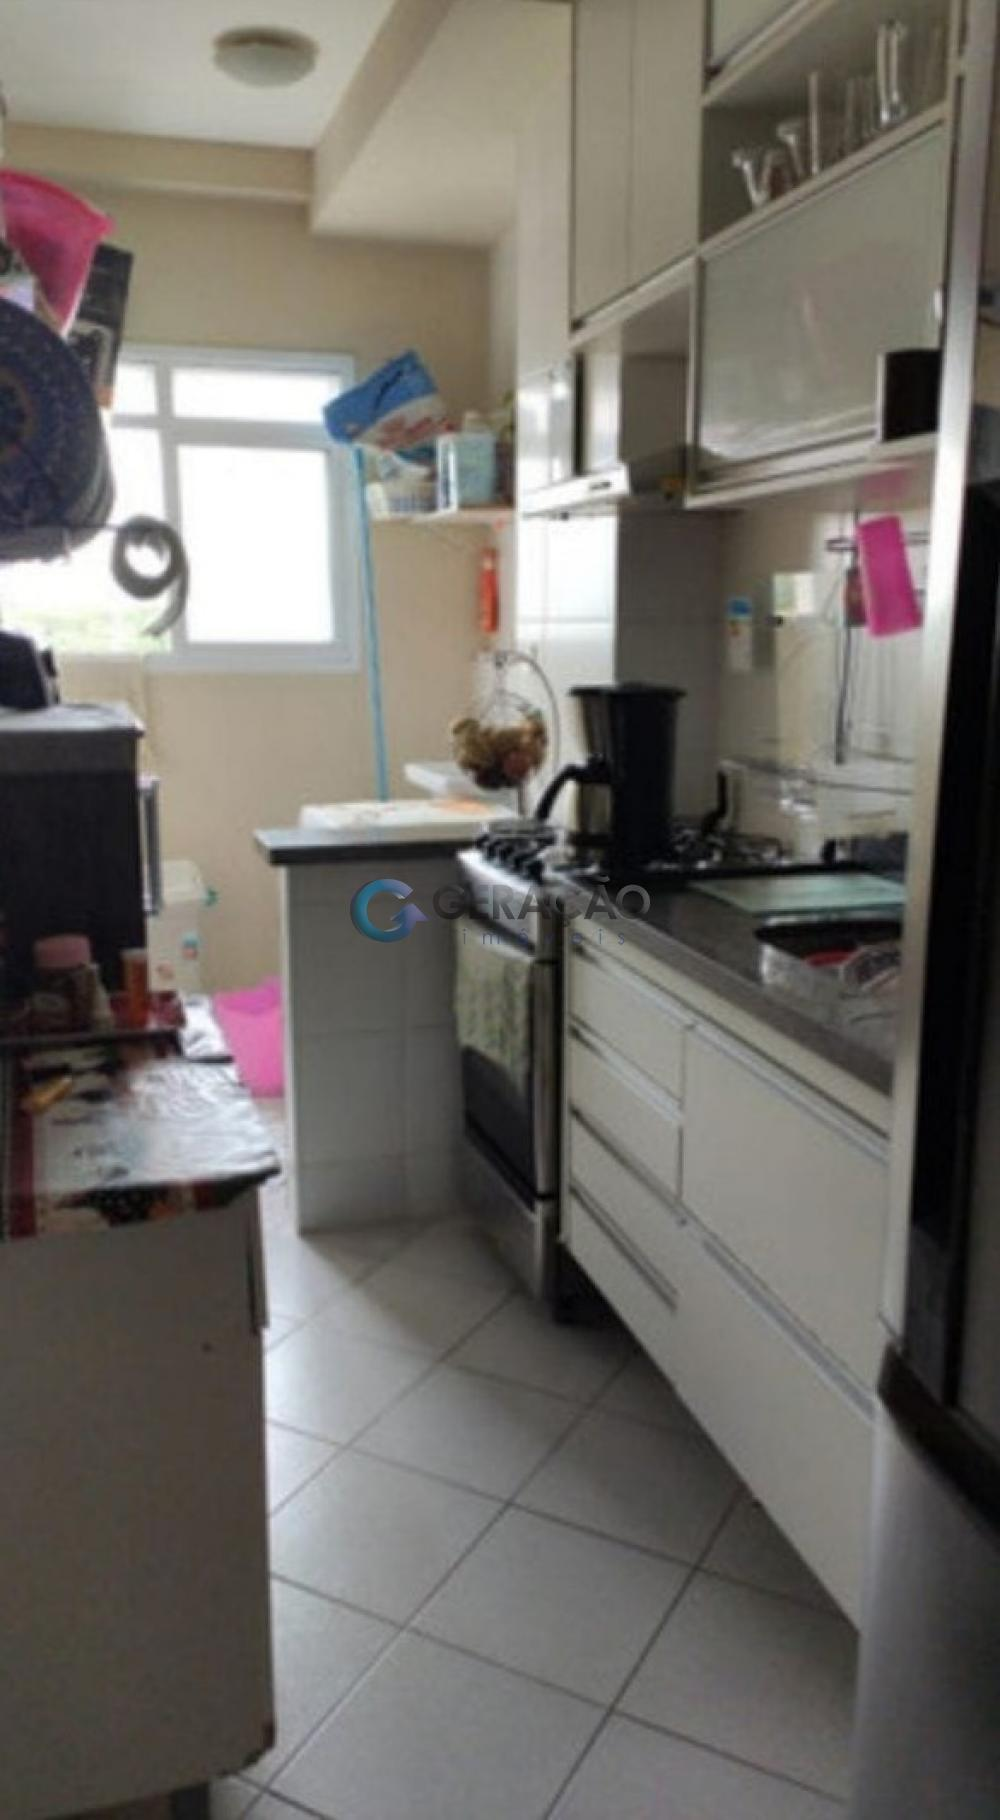 Comprar Apartamento / Padrão em São José dos Campos apenas R$ 320.000,00 - Foto 3